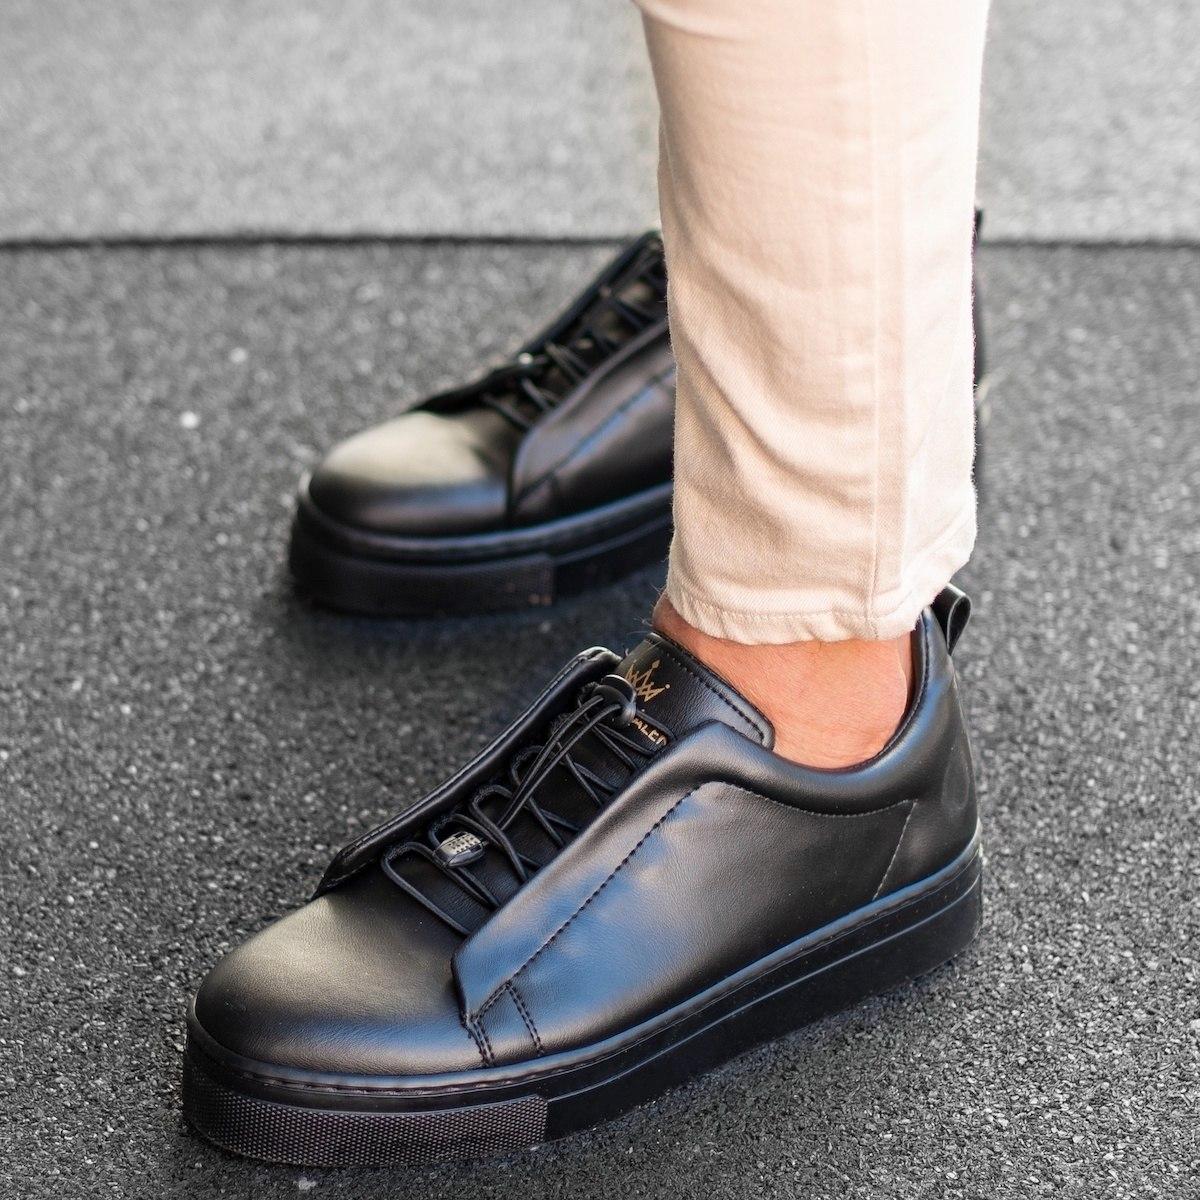 MV Dominant Sneakers in Black